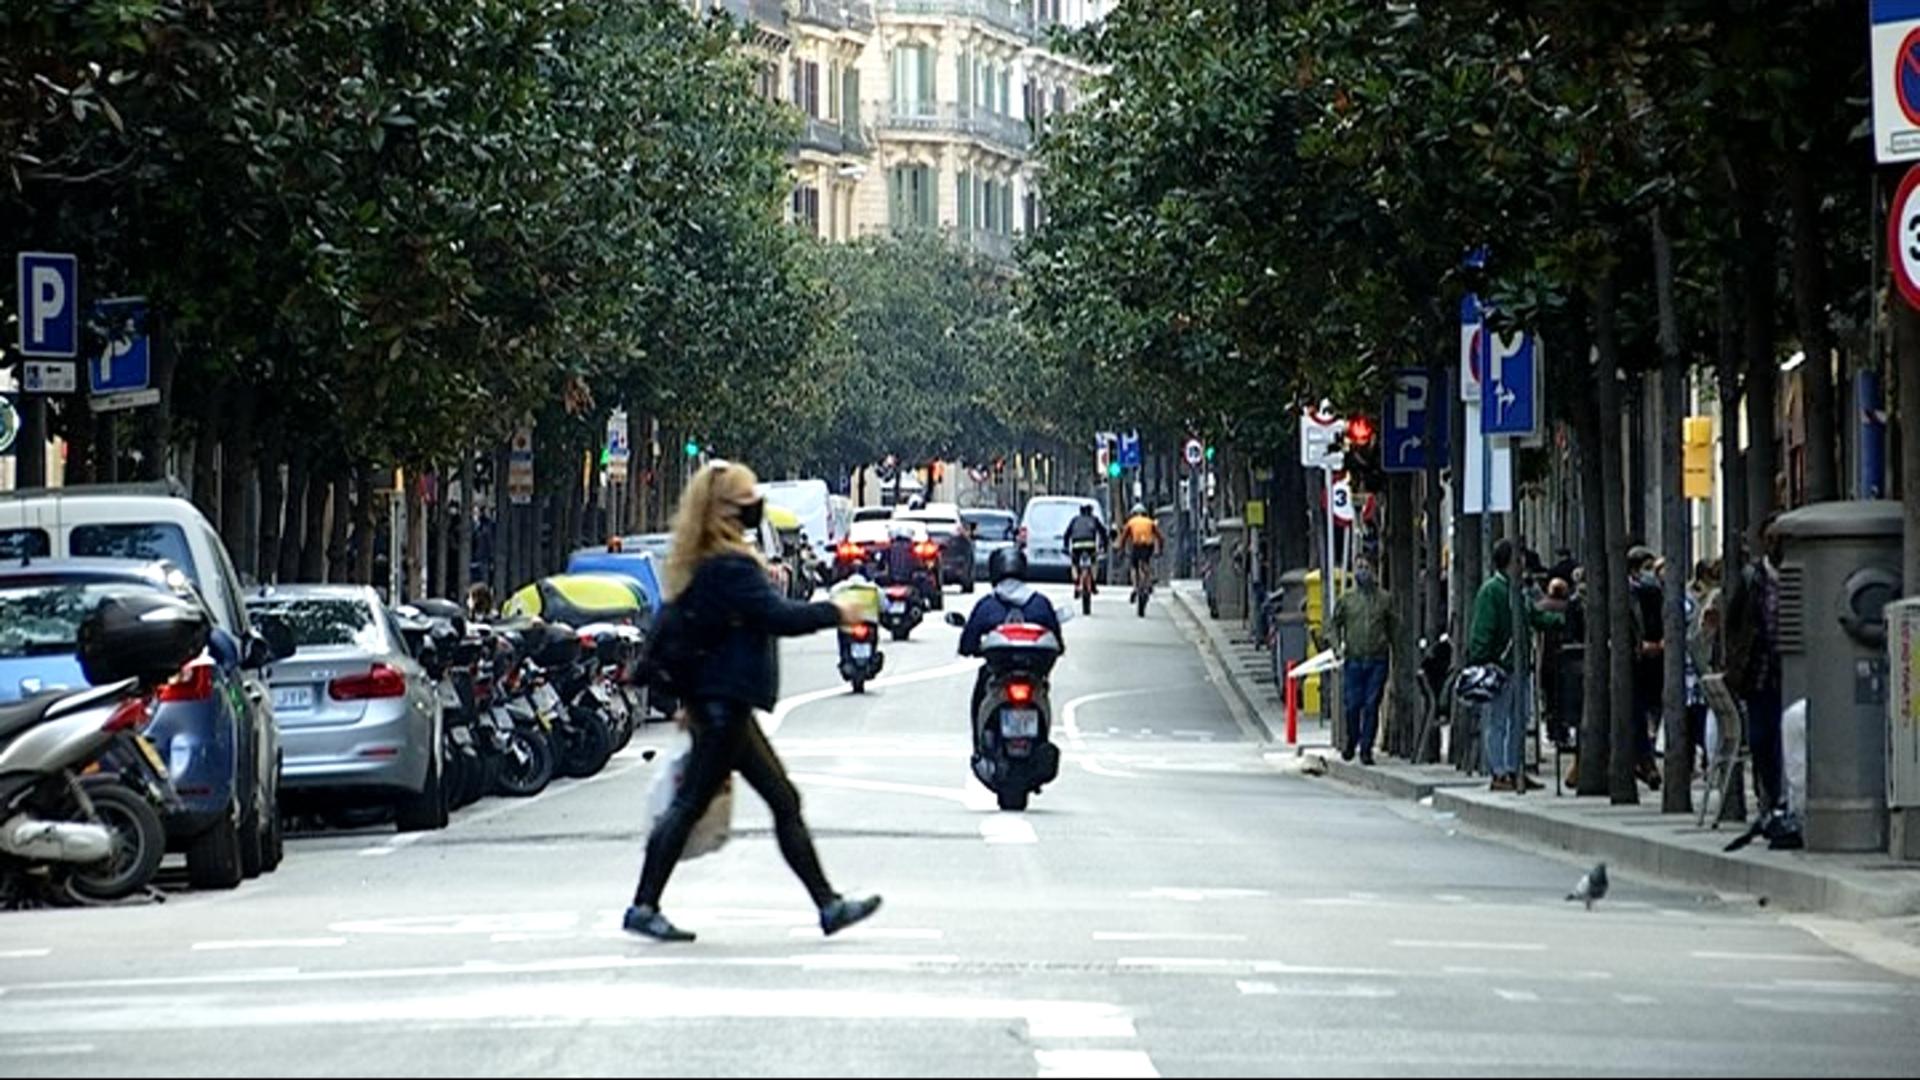 Obrim Carrers de Gran de Gràcia cancel·lat